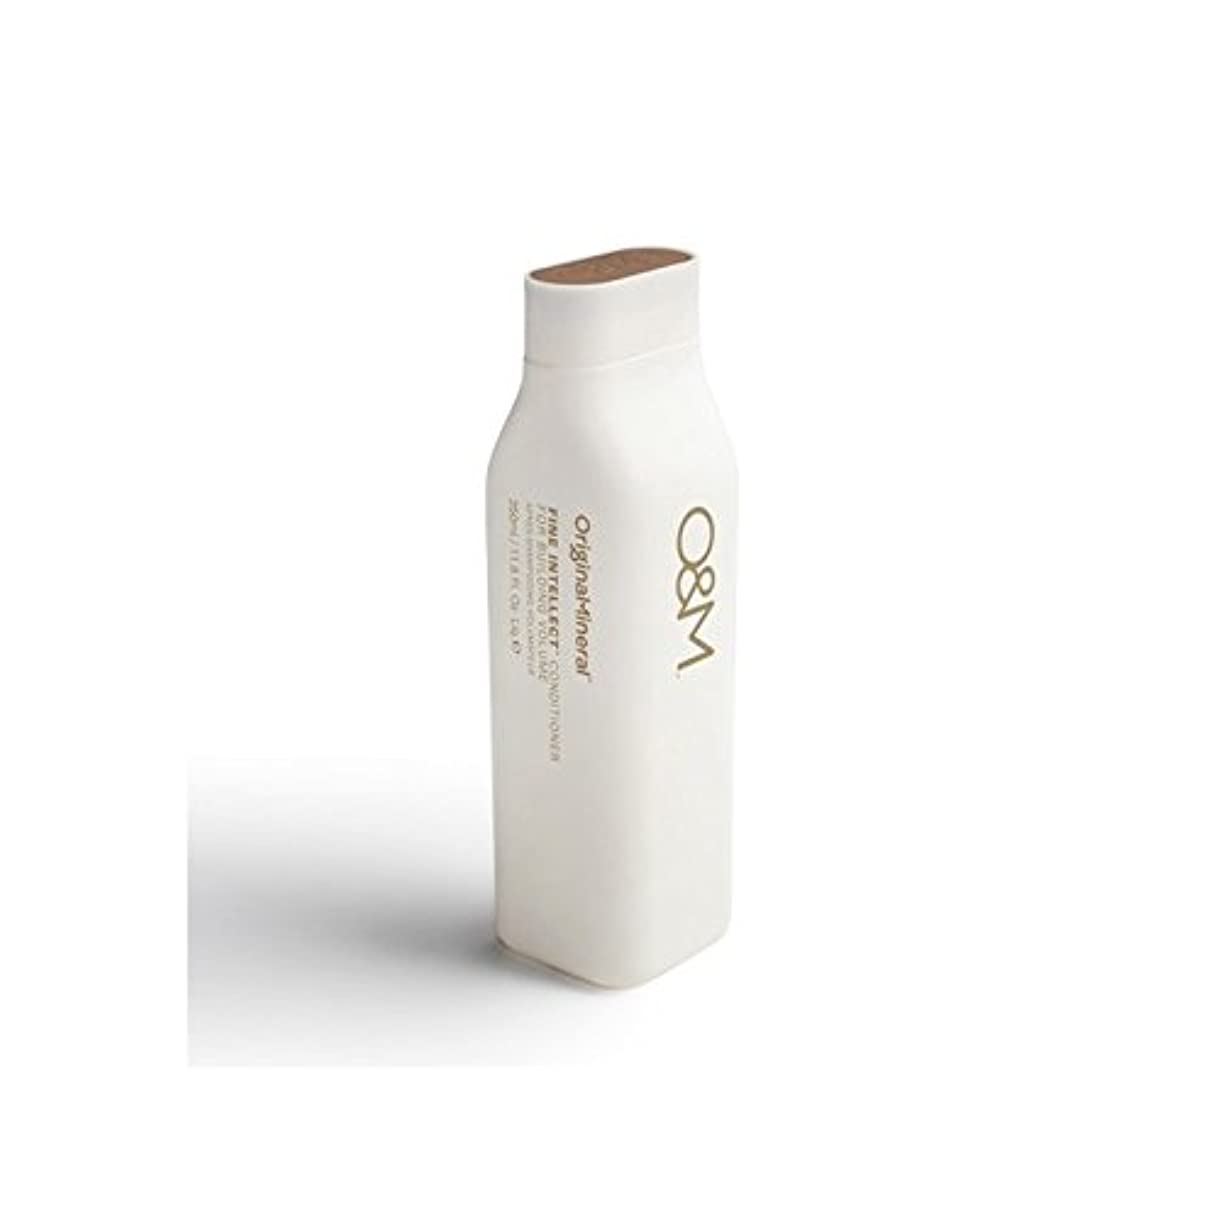 アクセスできないベッド勝利オリジナル&ミネラル細かい知性コンディショナー(350ミリリットル) x2 - Original & Mineral Fine Intellect Conditioner (350ml) (Pack of 2) [並行輸入品]